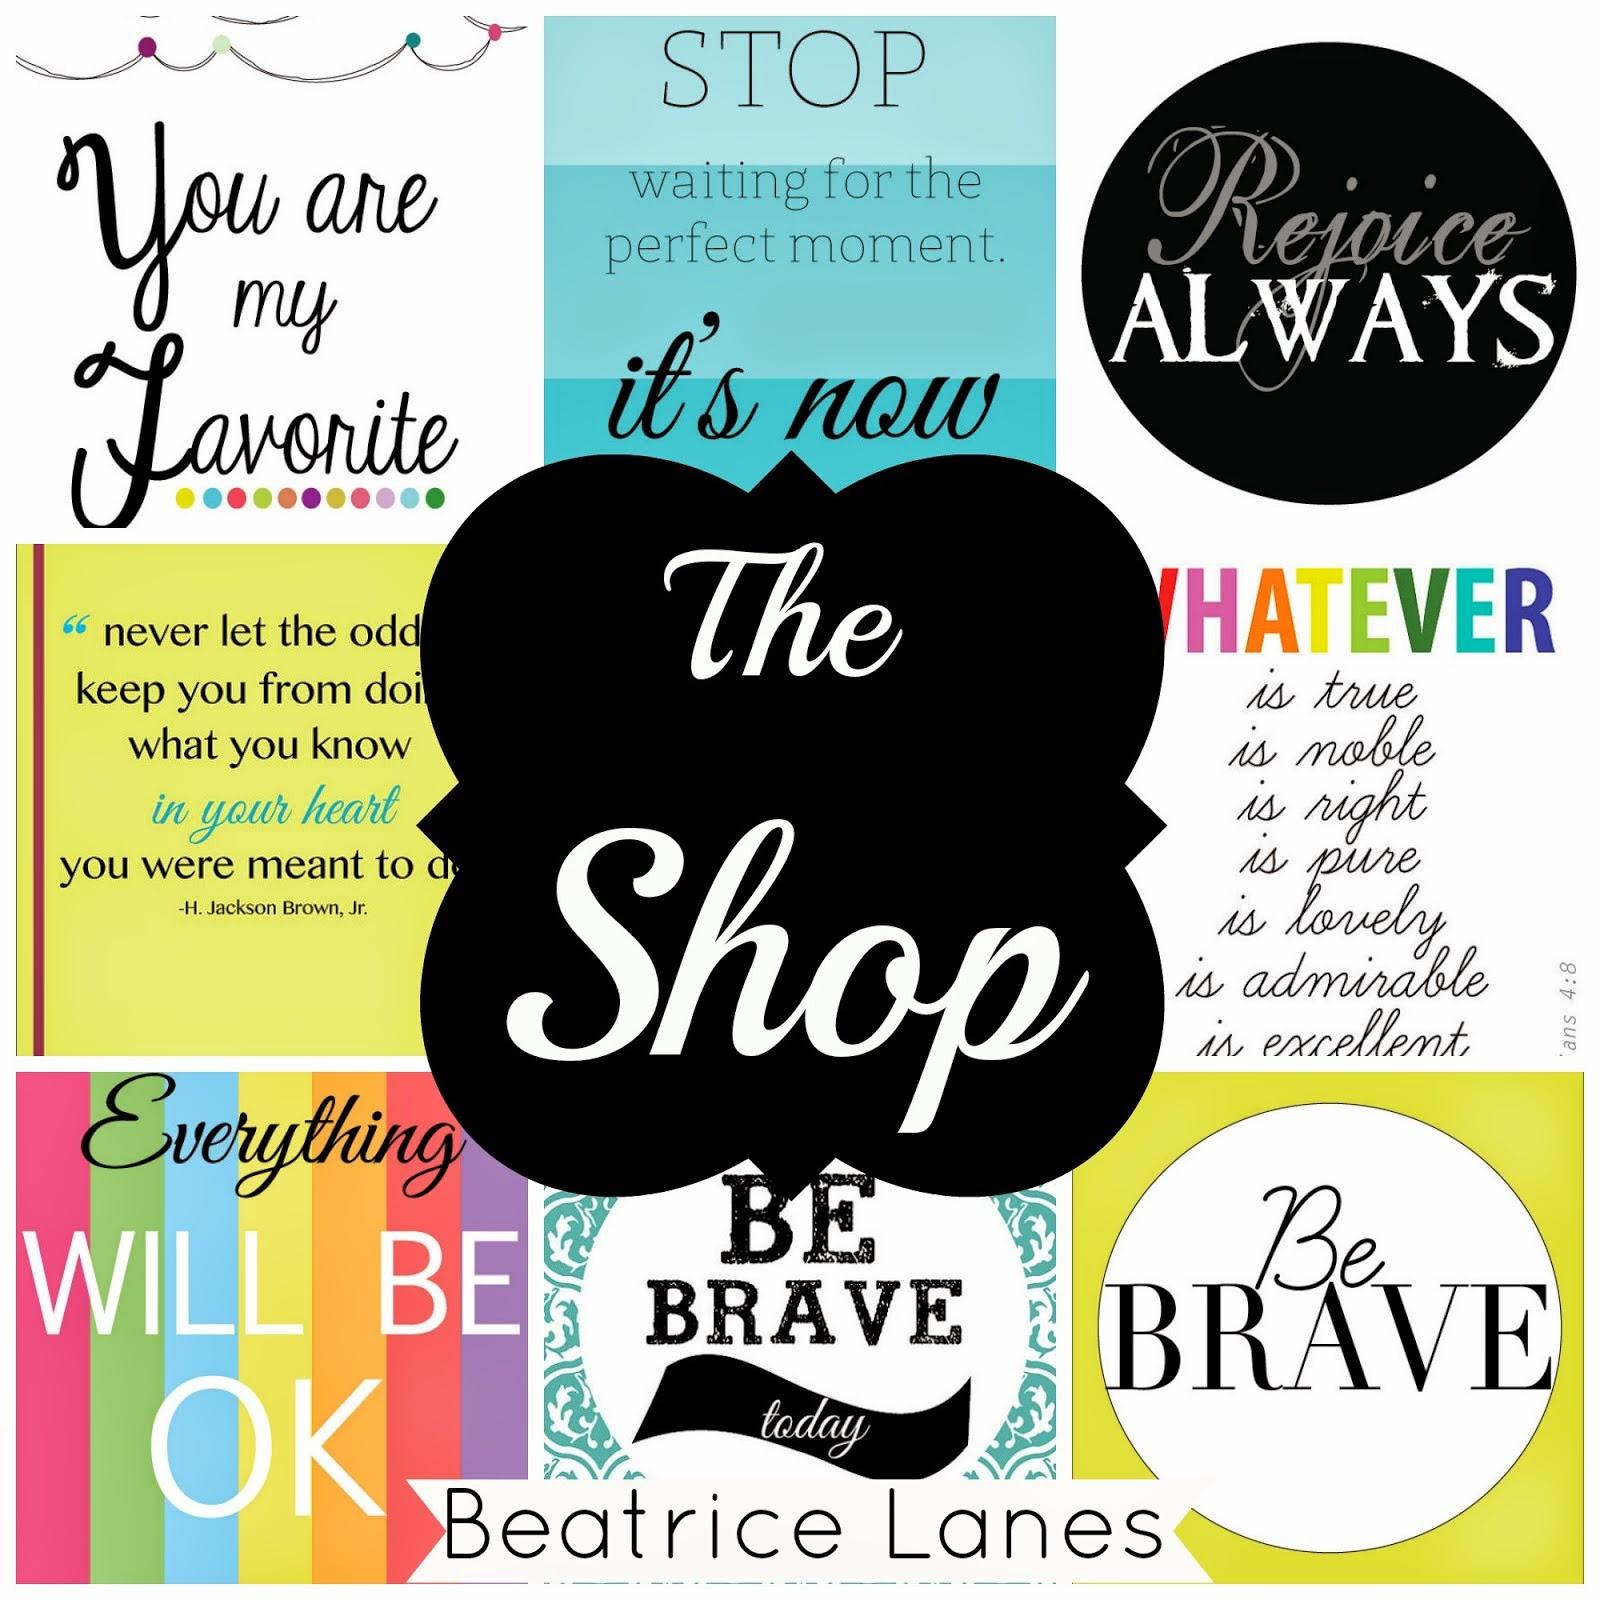 Beatrice Lanes